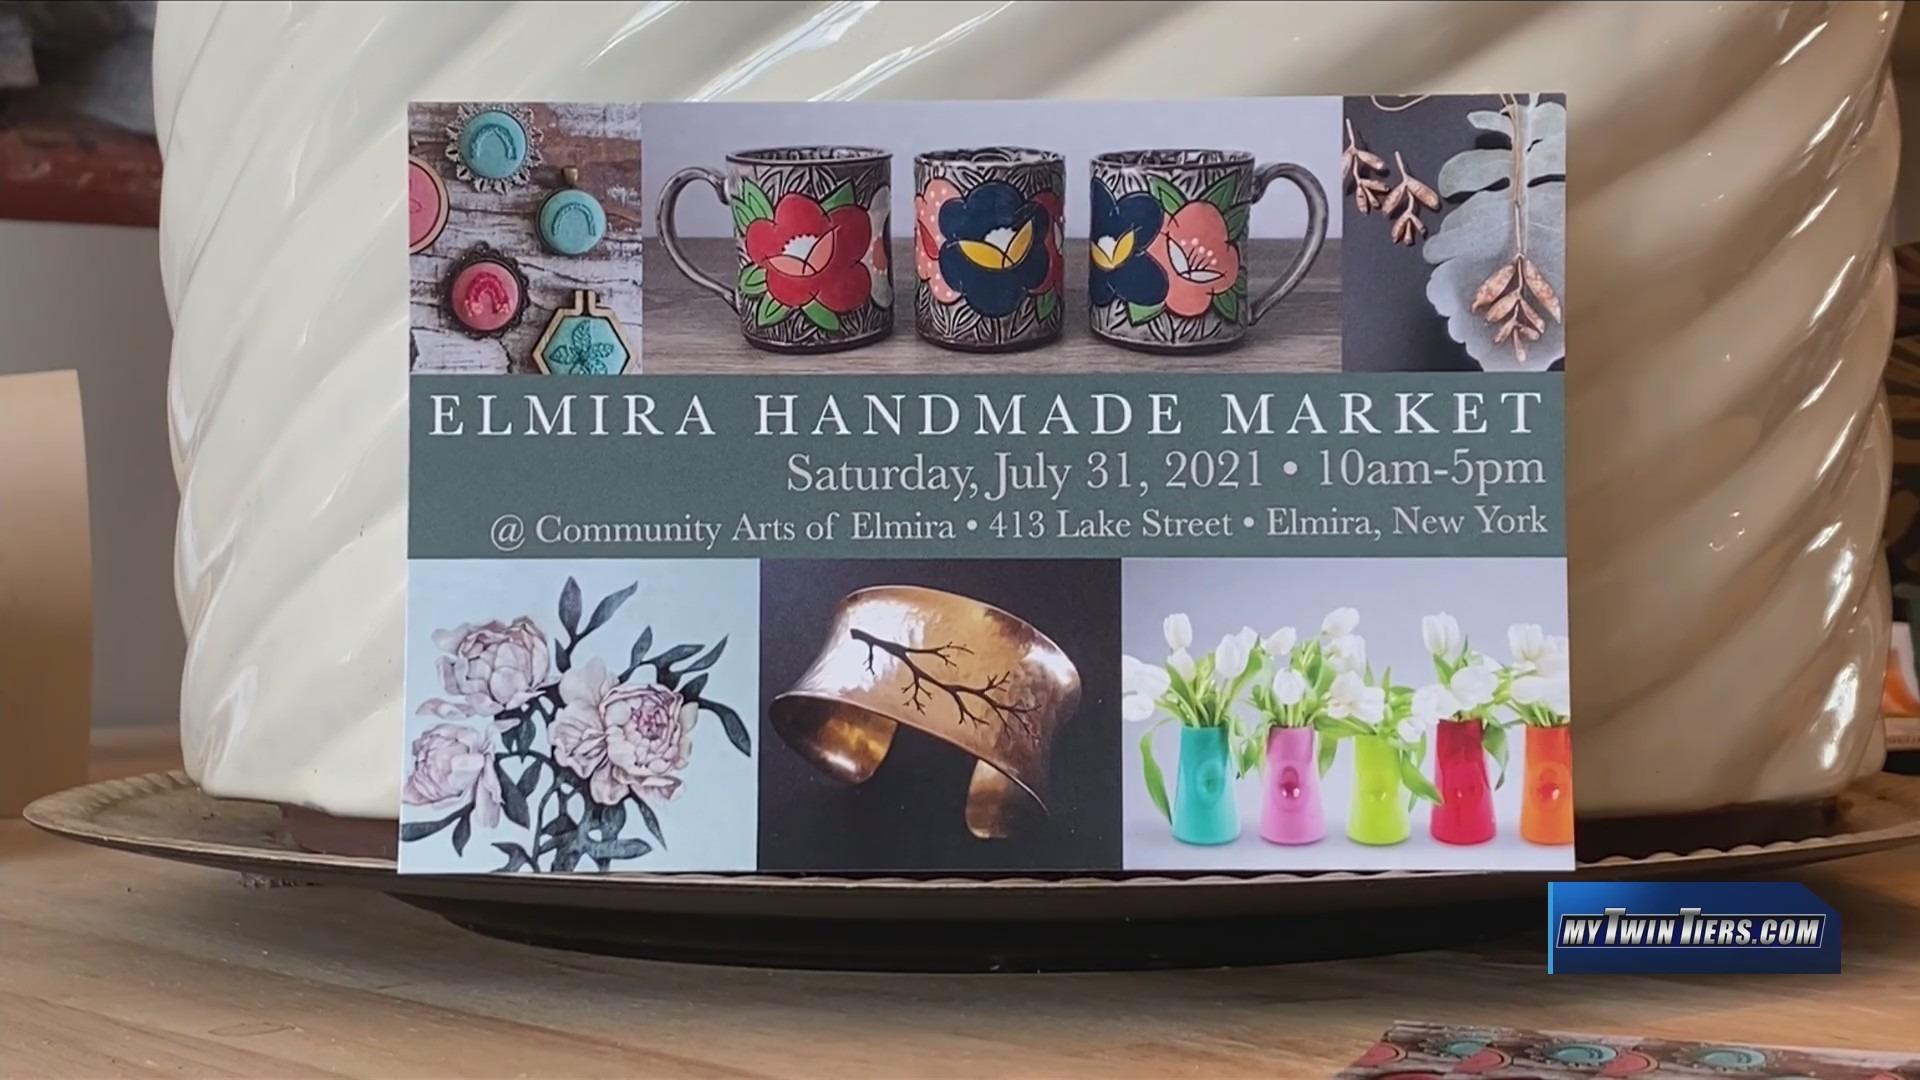 Elmira Handmade Market